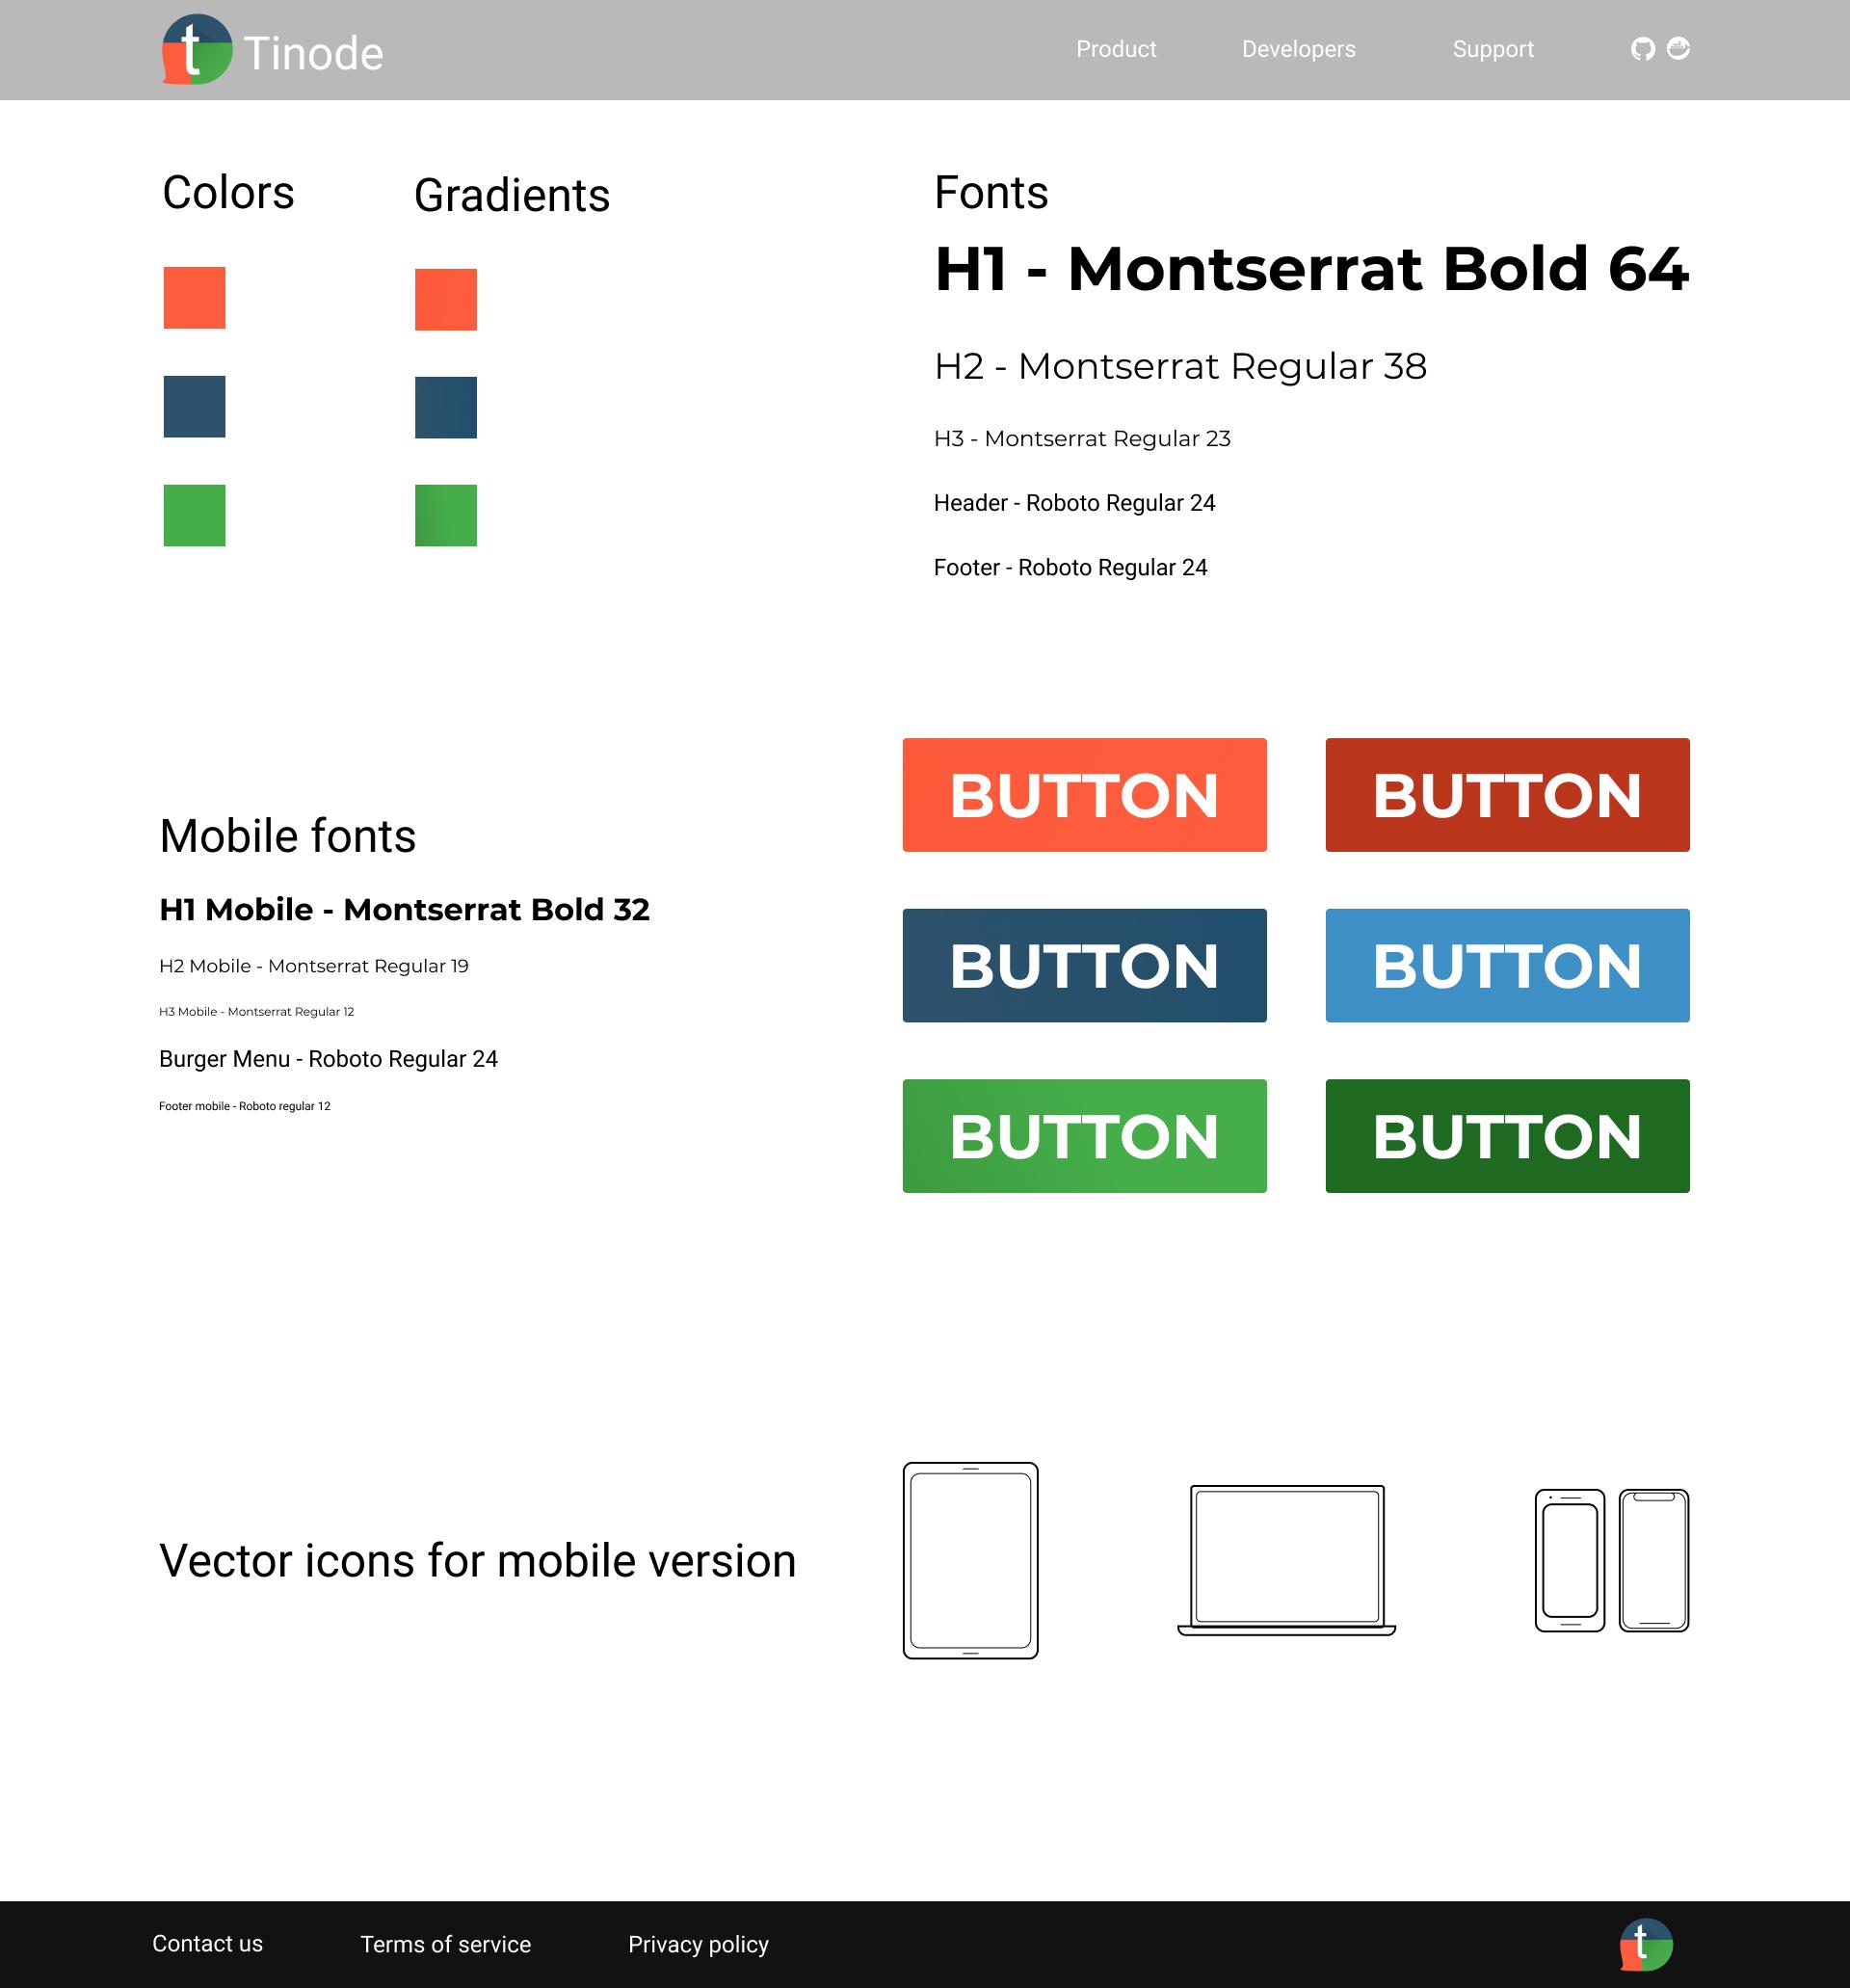 Дизайн сайта tinode.co фото f_8565d7238c33aacb.jpg